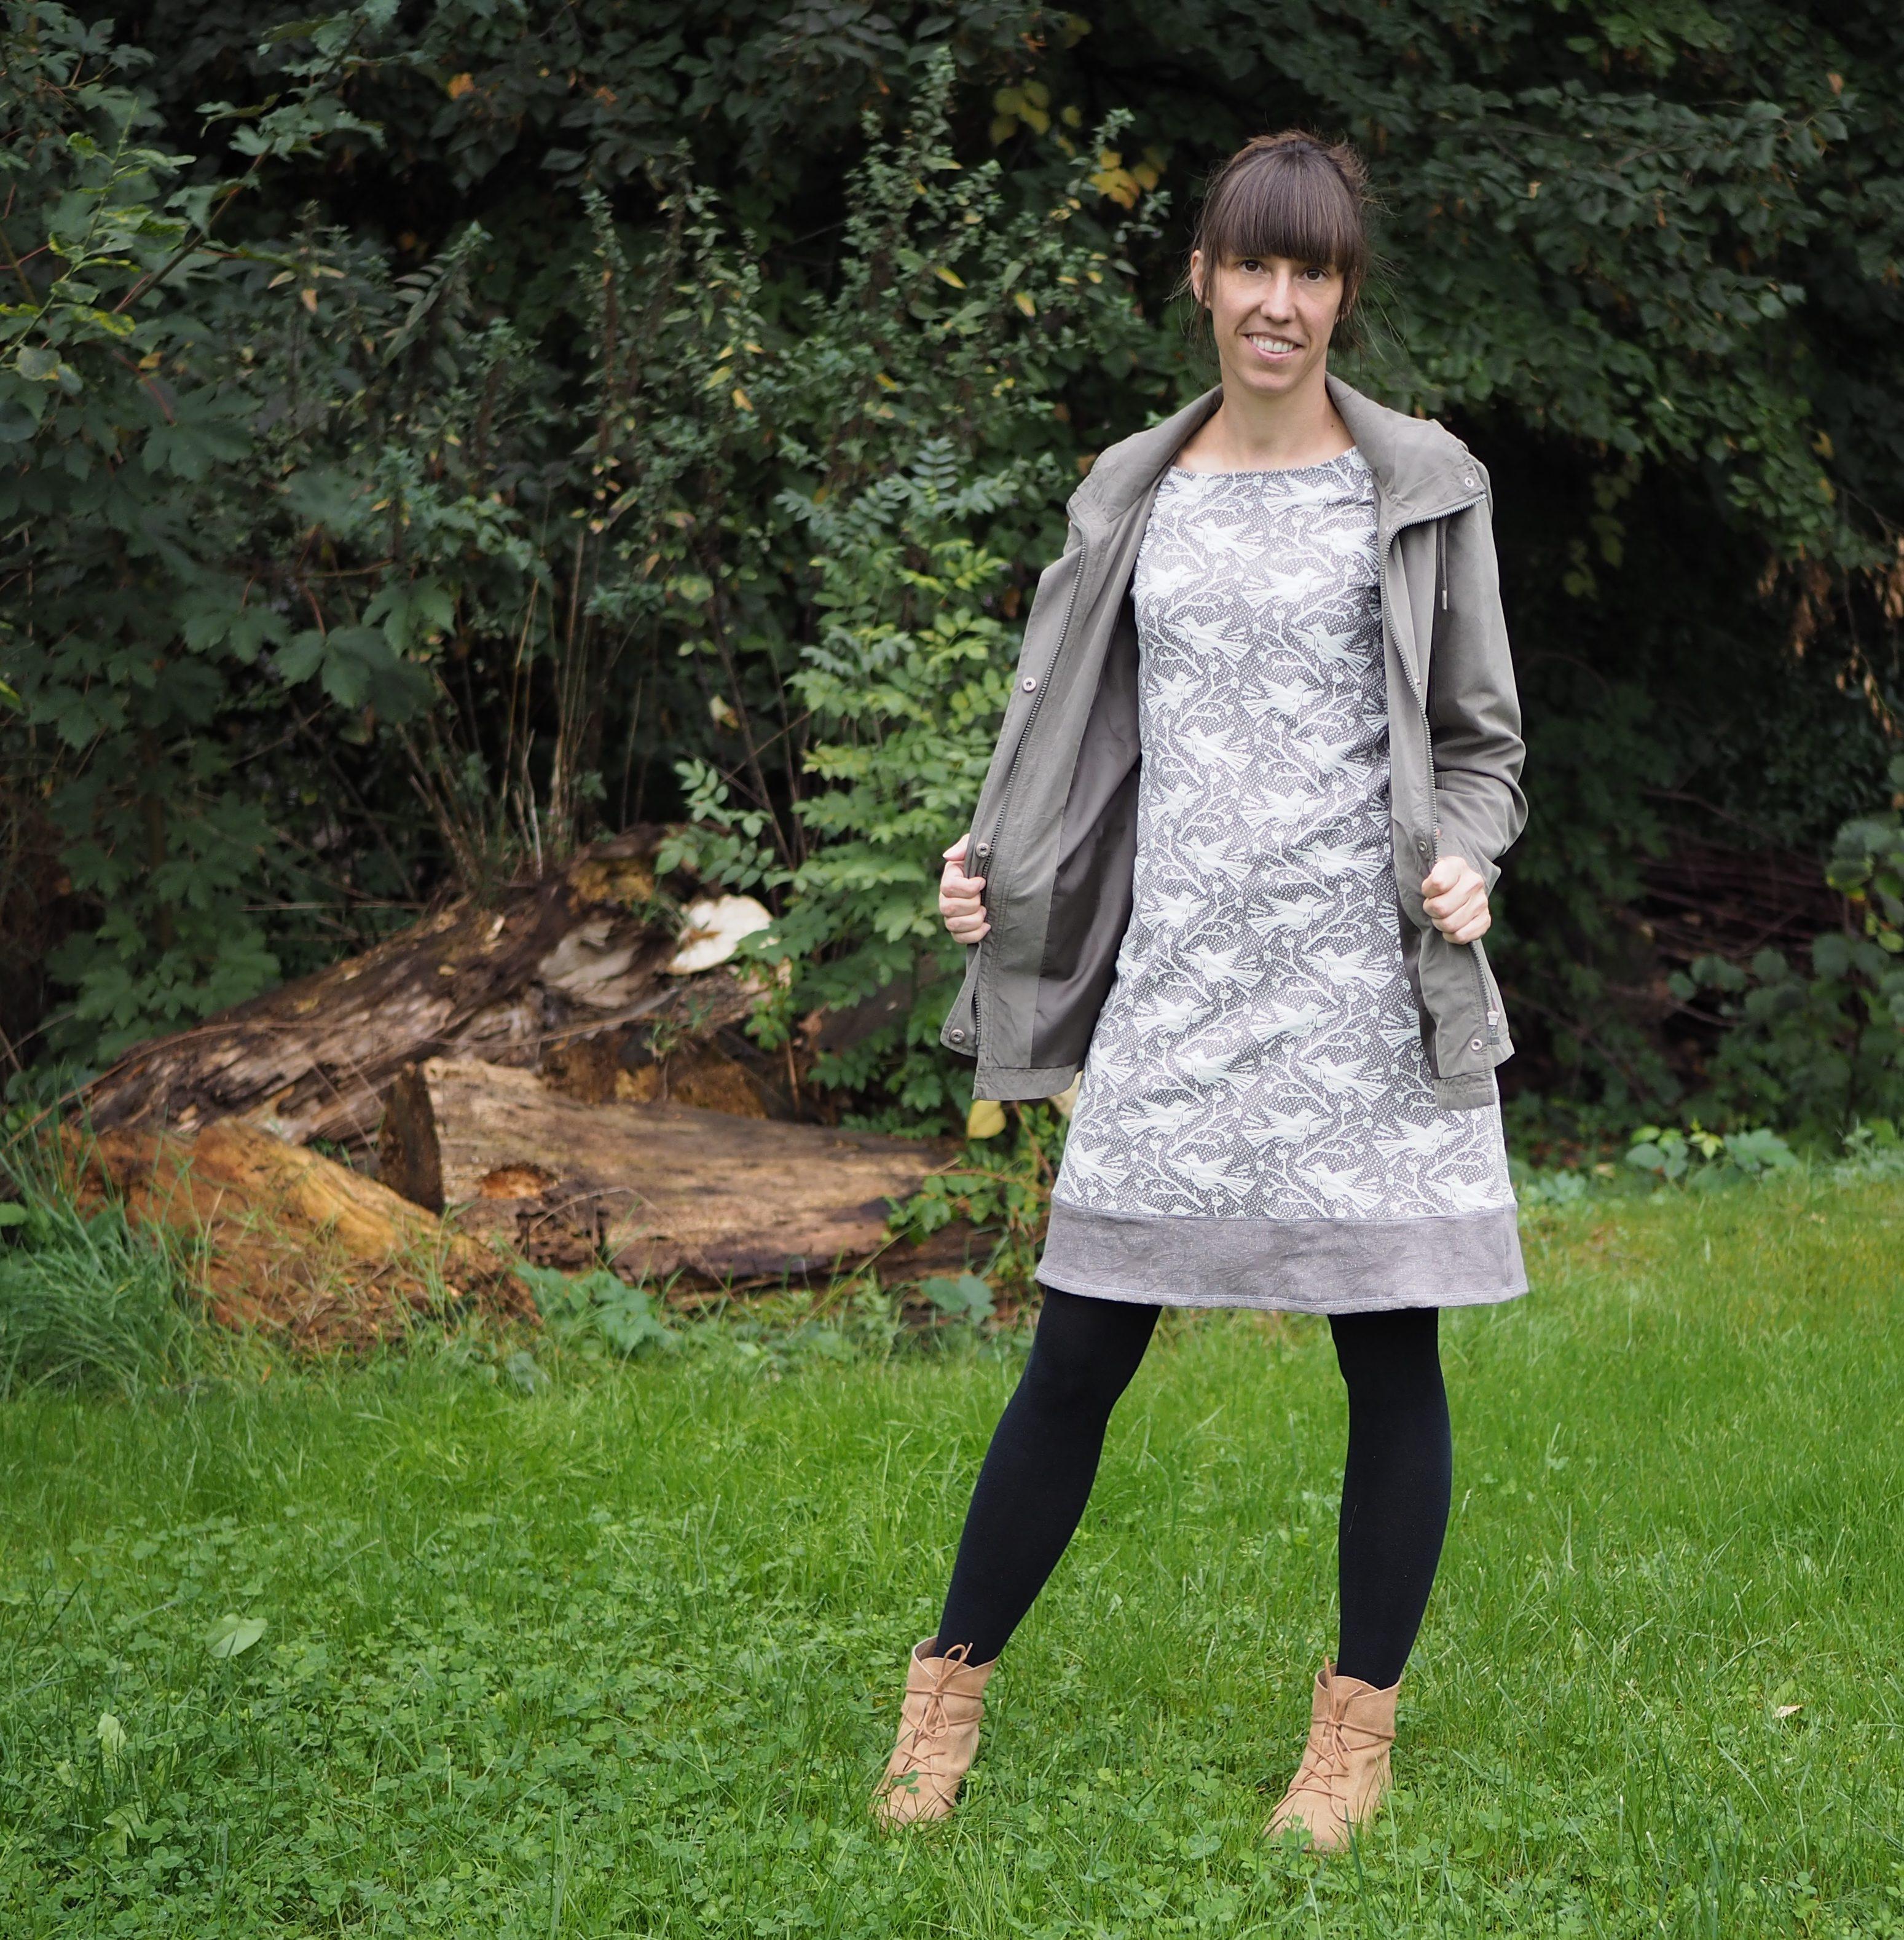 Schnittmuster kleid 2016 – Beliebte Kleidermodelle 2018